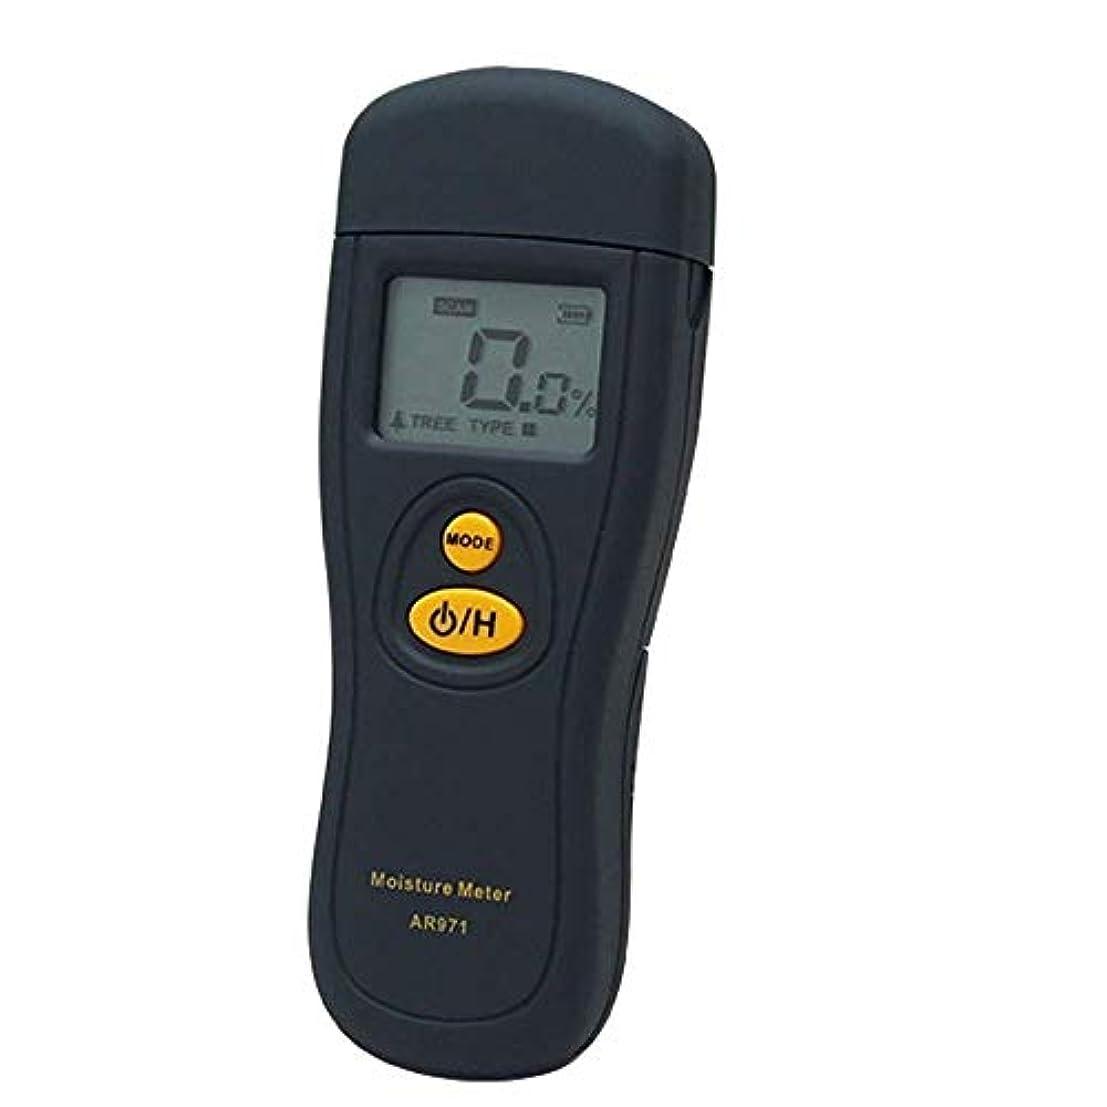 コールド実験をする浸食ZGQA-GQA 水分計AR971デジタル木材水分計木材水分計湿度計水分計水分検出器湿度計湿度計